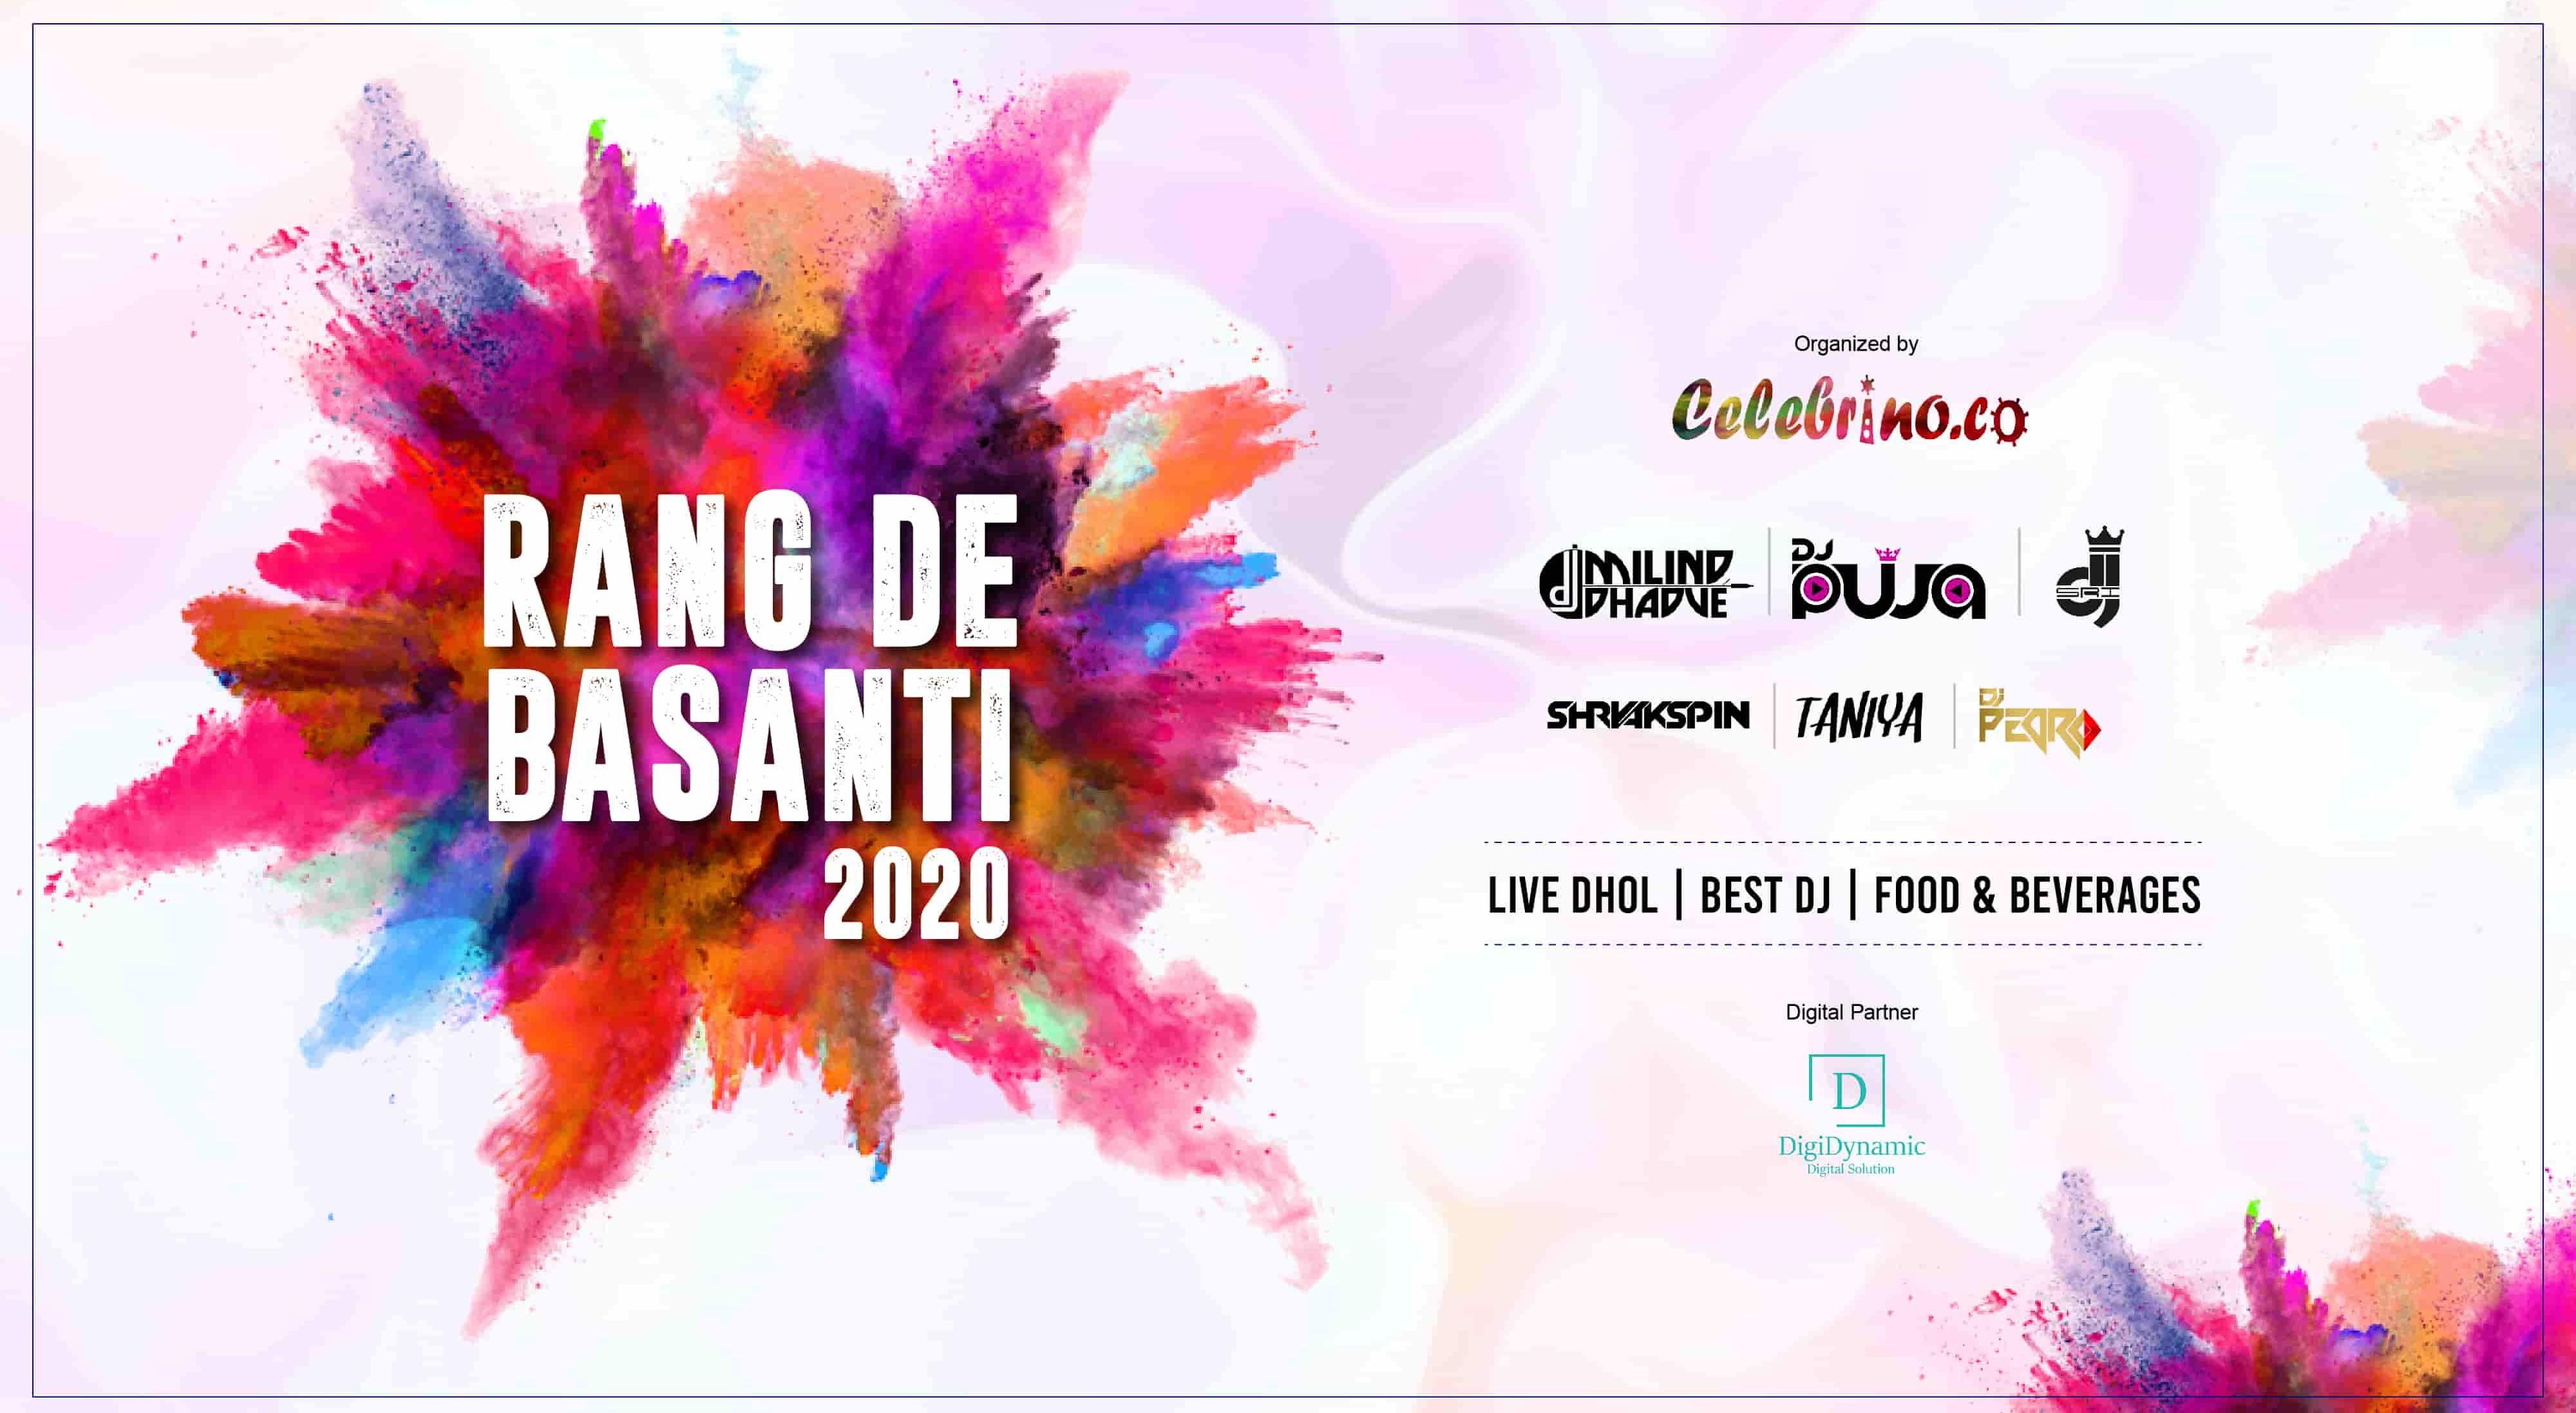 Rang de Basanti 2020 in Pune